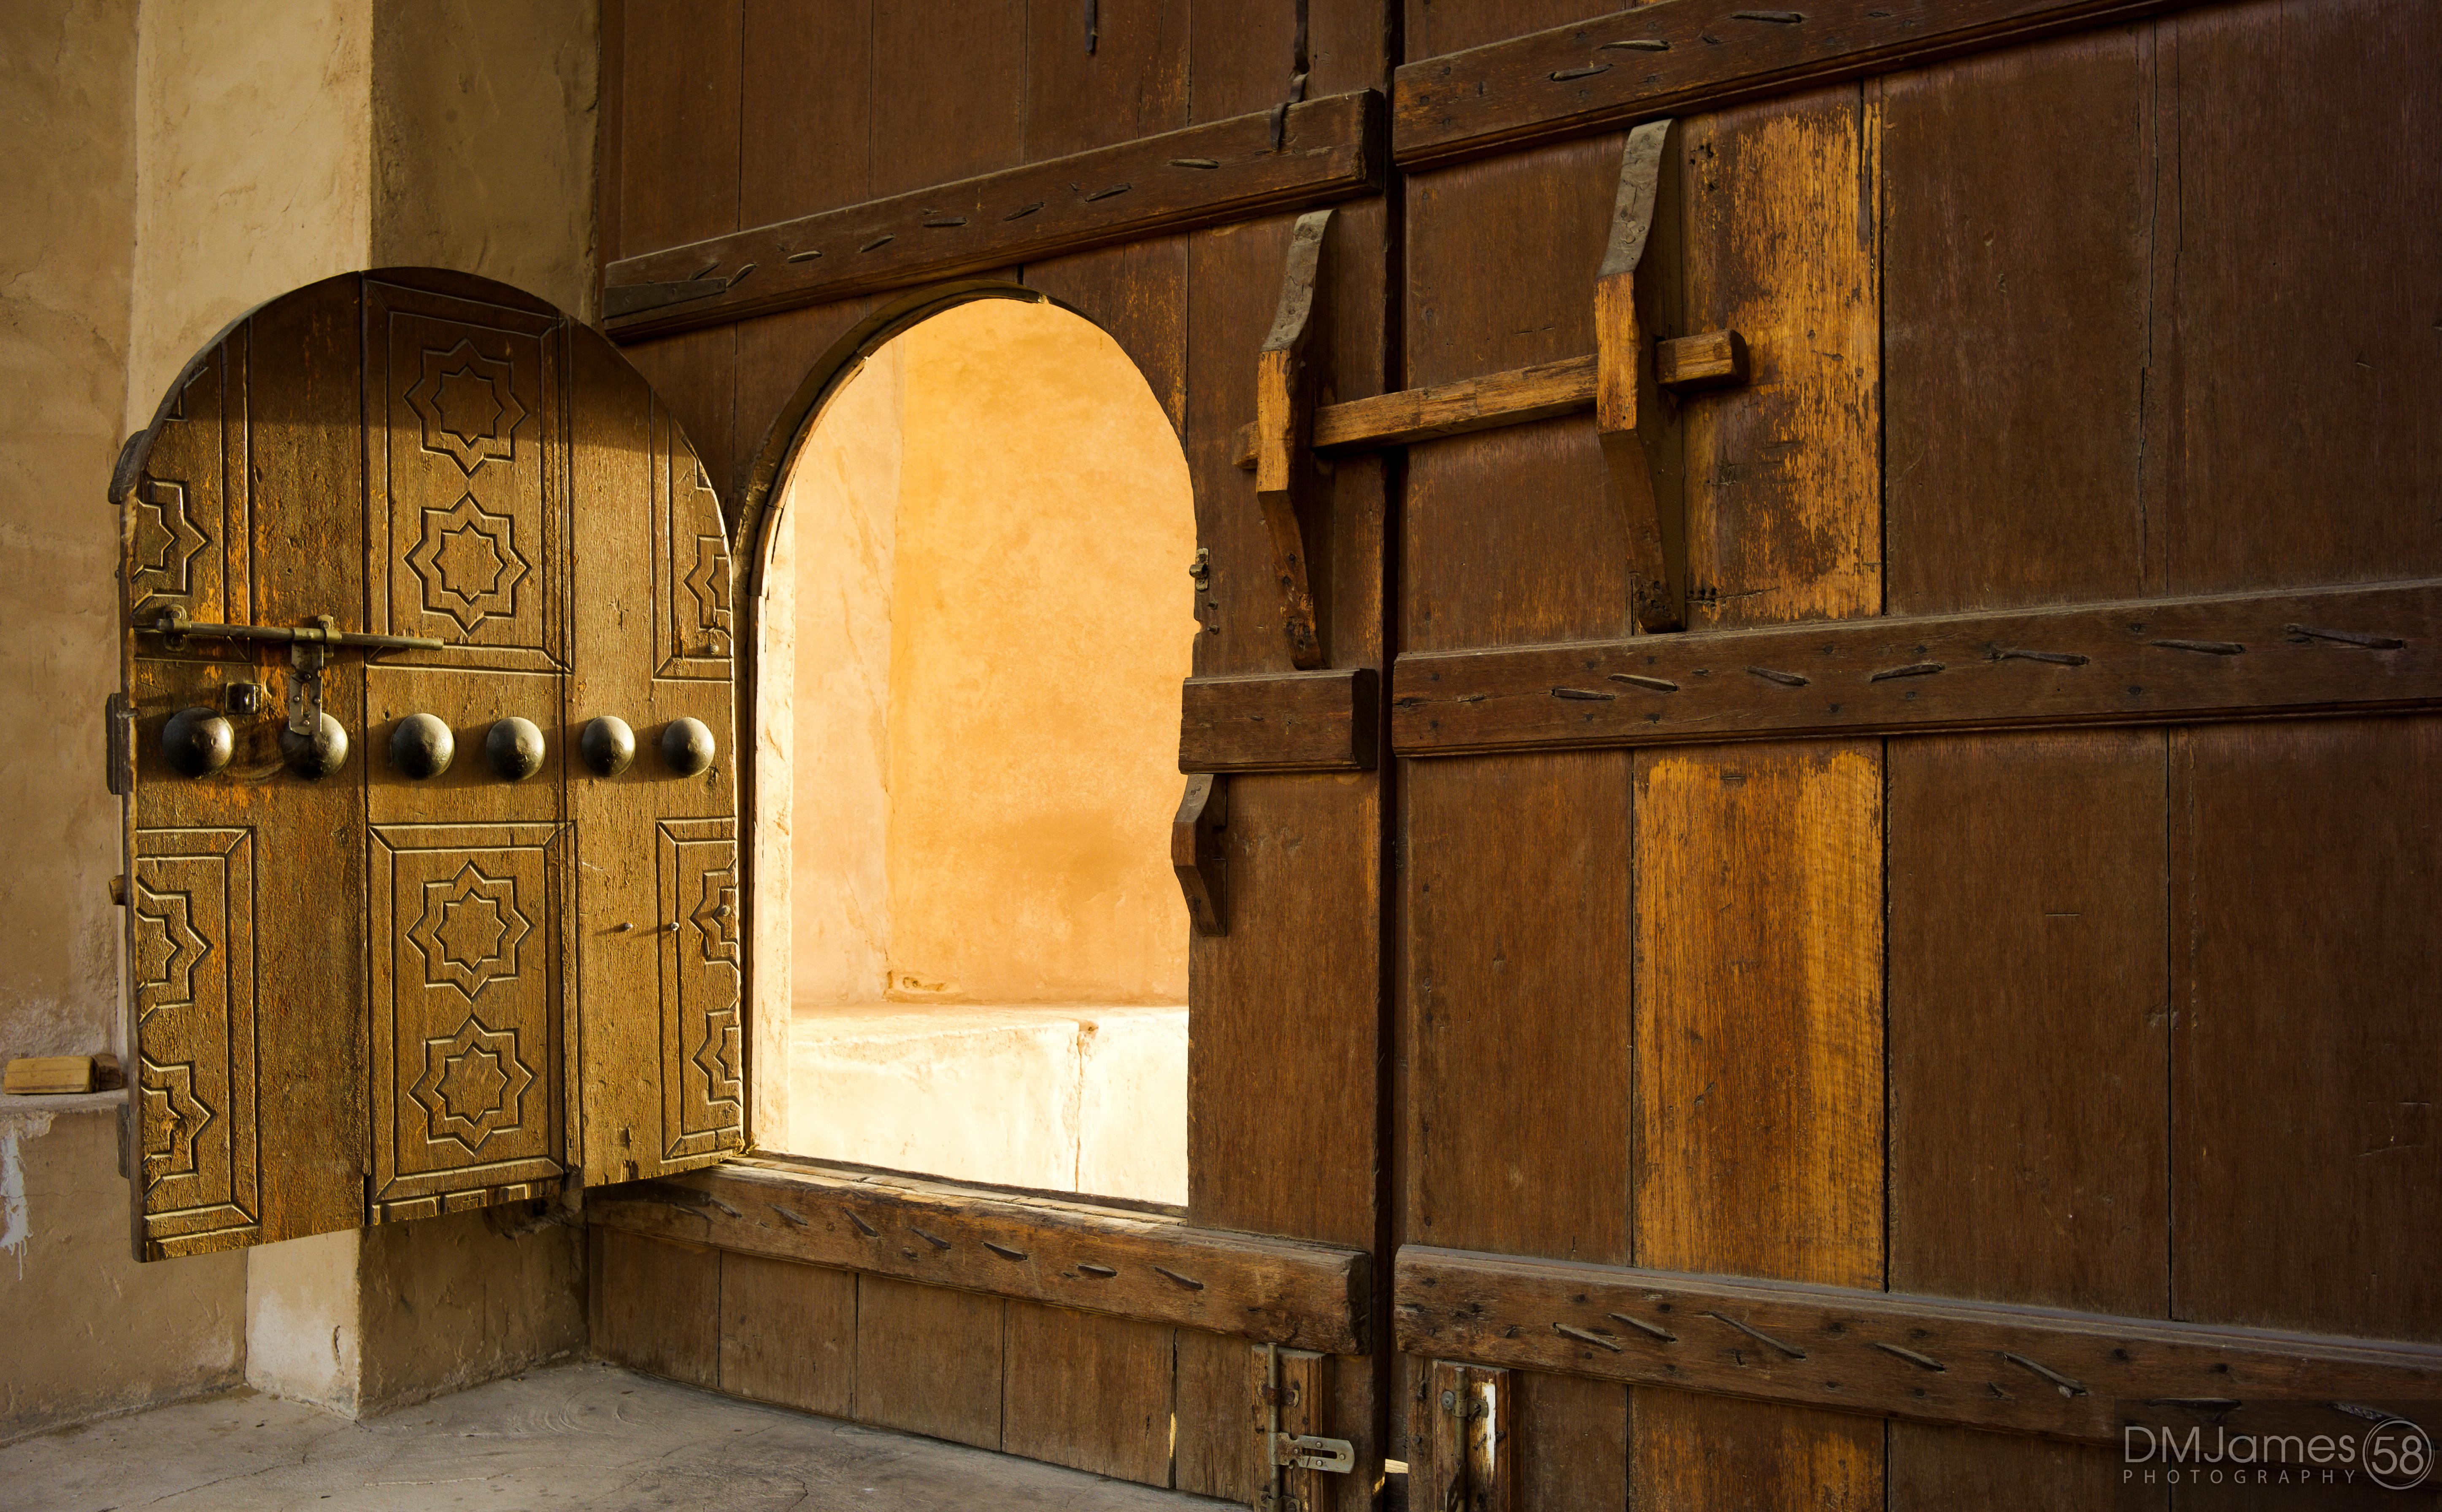 Innenarchitektur Geschichte hintergrundbilder tempel die architektur mauer holz säule